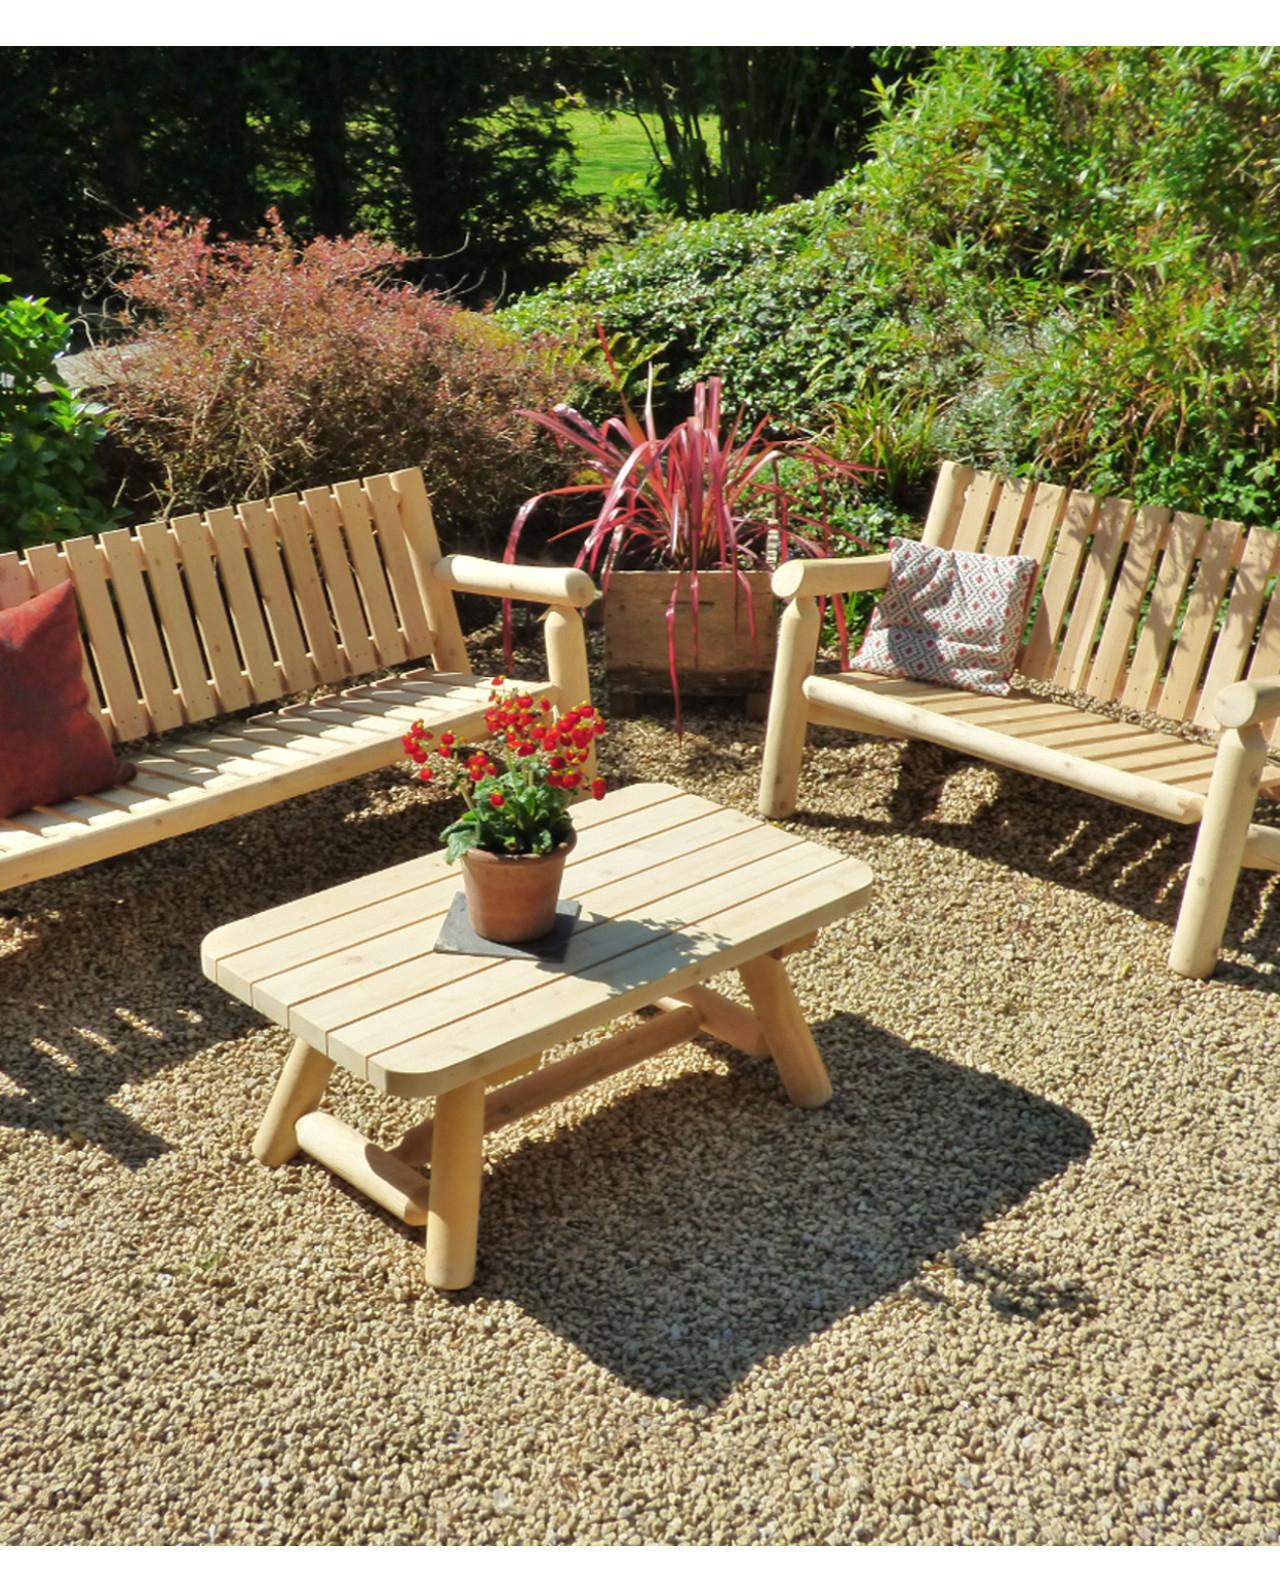 Salons De Jardin En Bois - Que Choisir ? - Cèdre & Rondins dedans Fauteuil De Jardin En Bois Style Americain